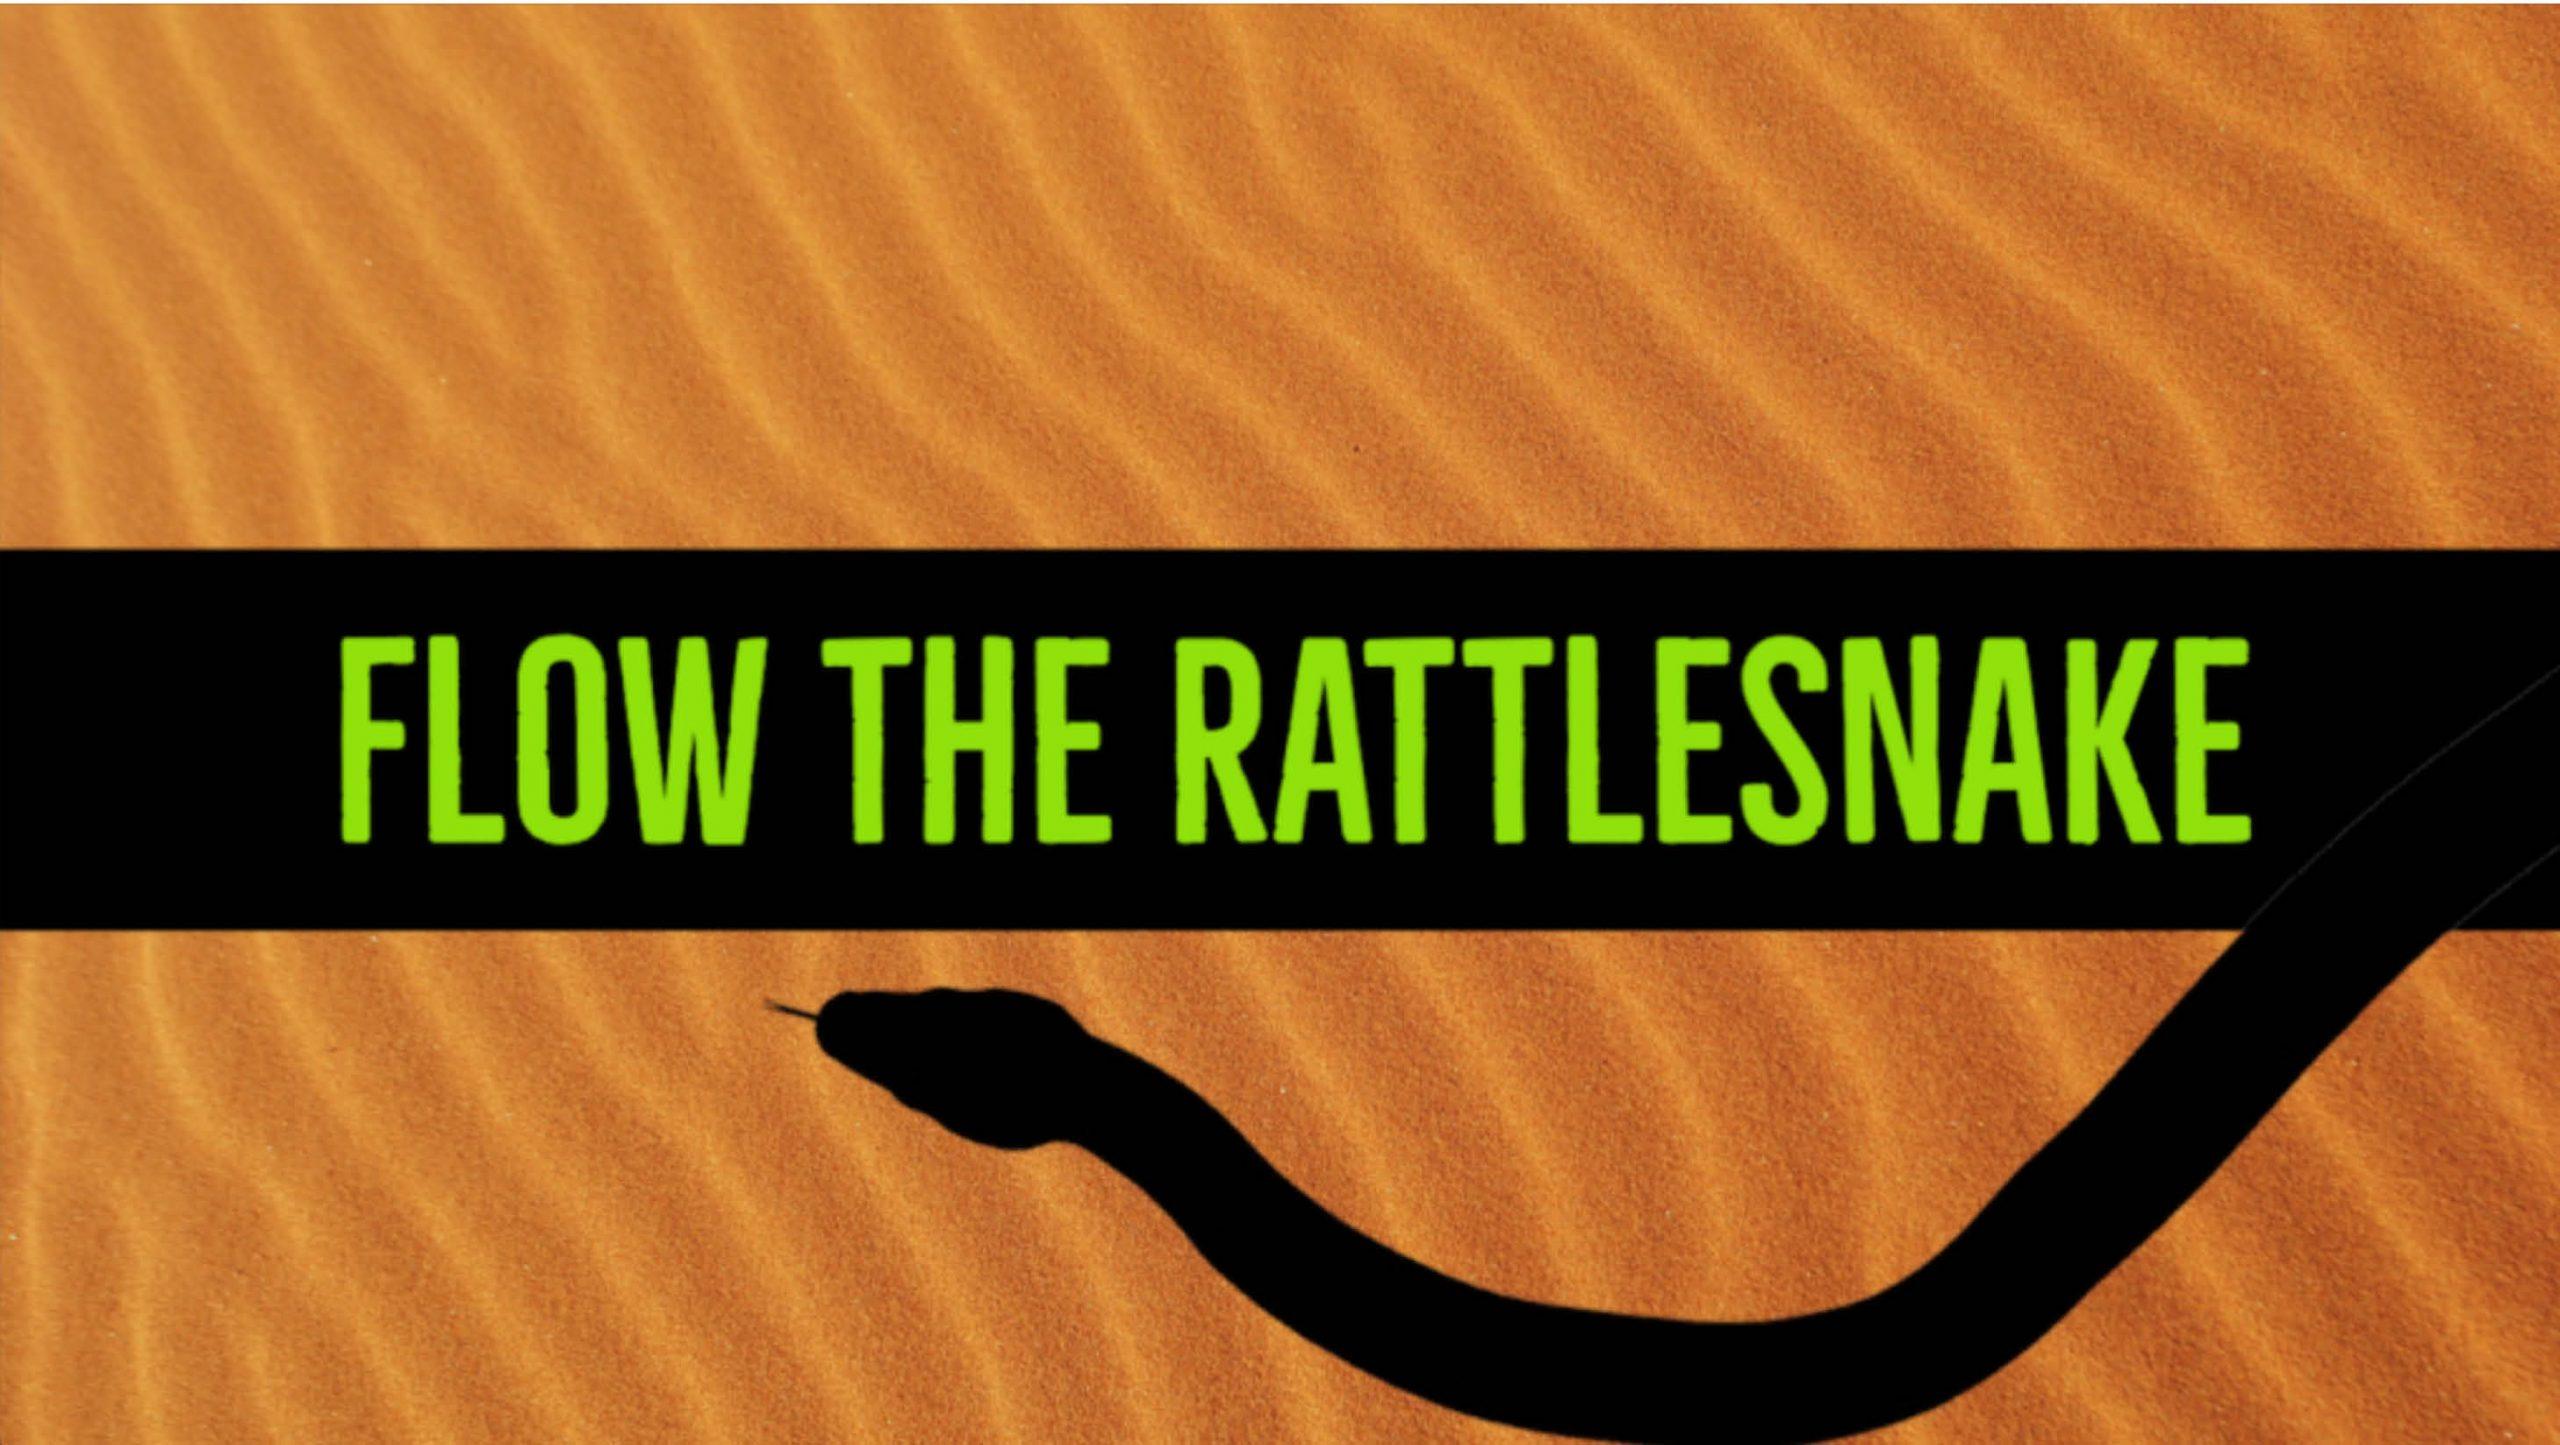 Flow the Rattlesnake 2